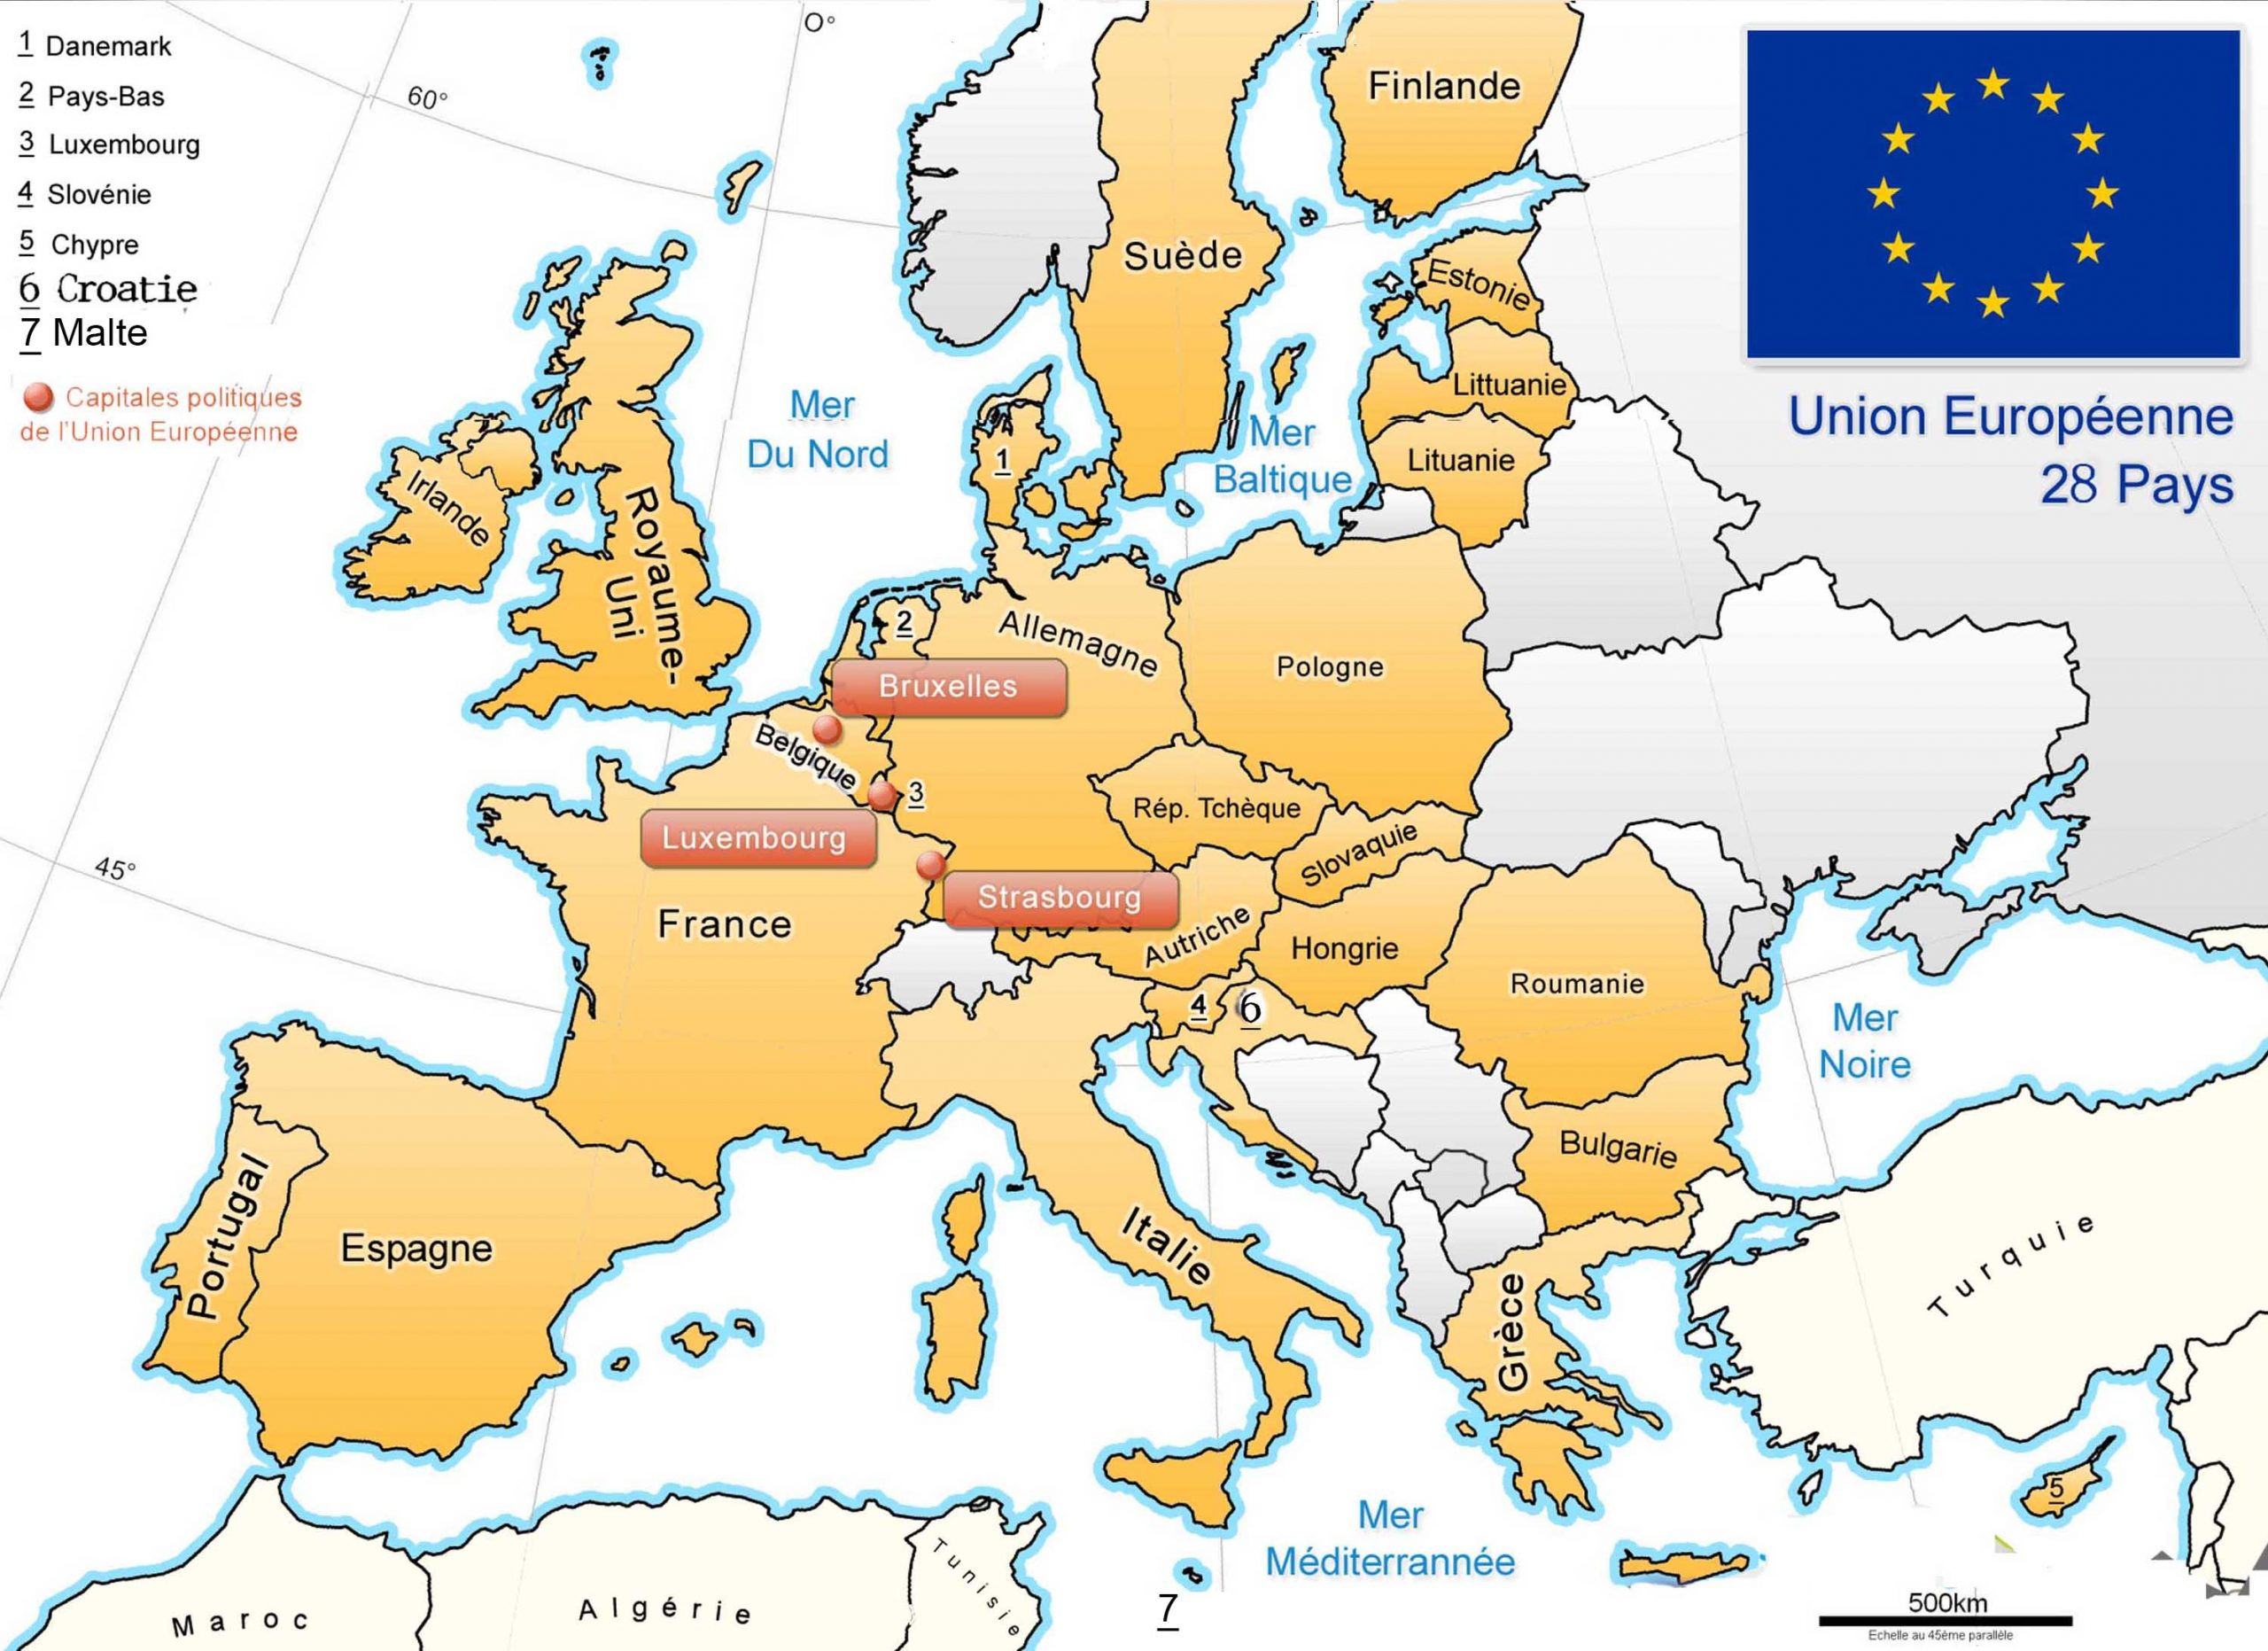 Apprendre À Placer Les Pays De L' Union Européenne - Le Blog à Carte Europe Pays Capitales